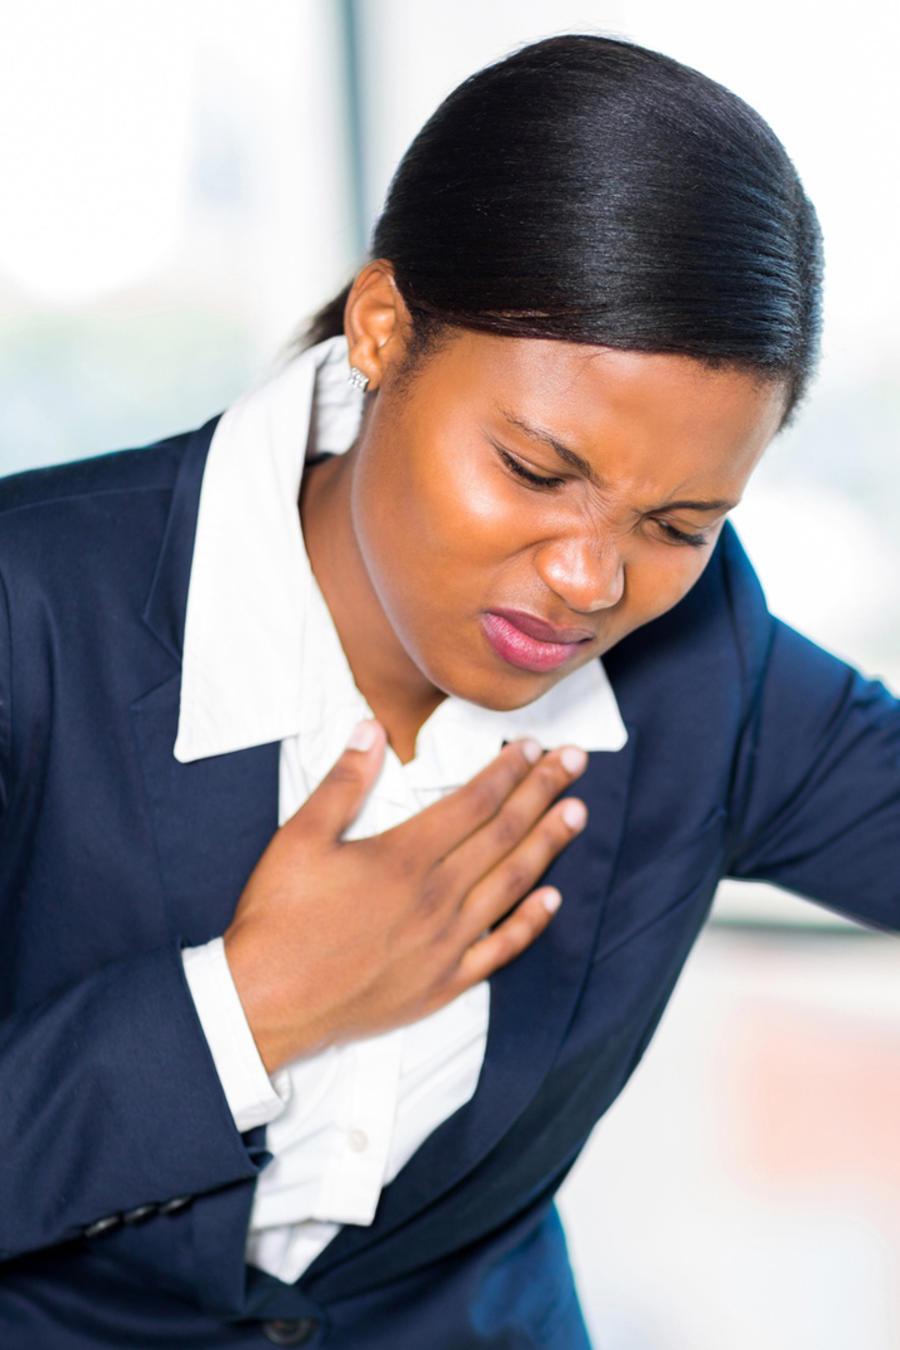 Joven mujer de negocios sufriendo un ataque cardíaco